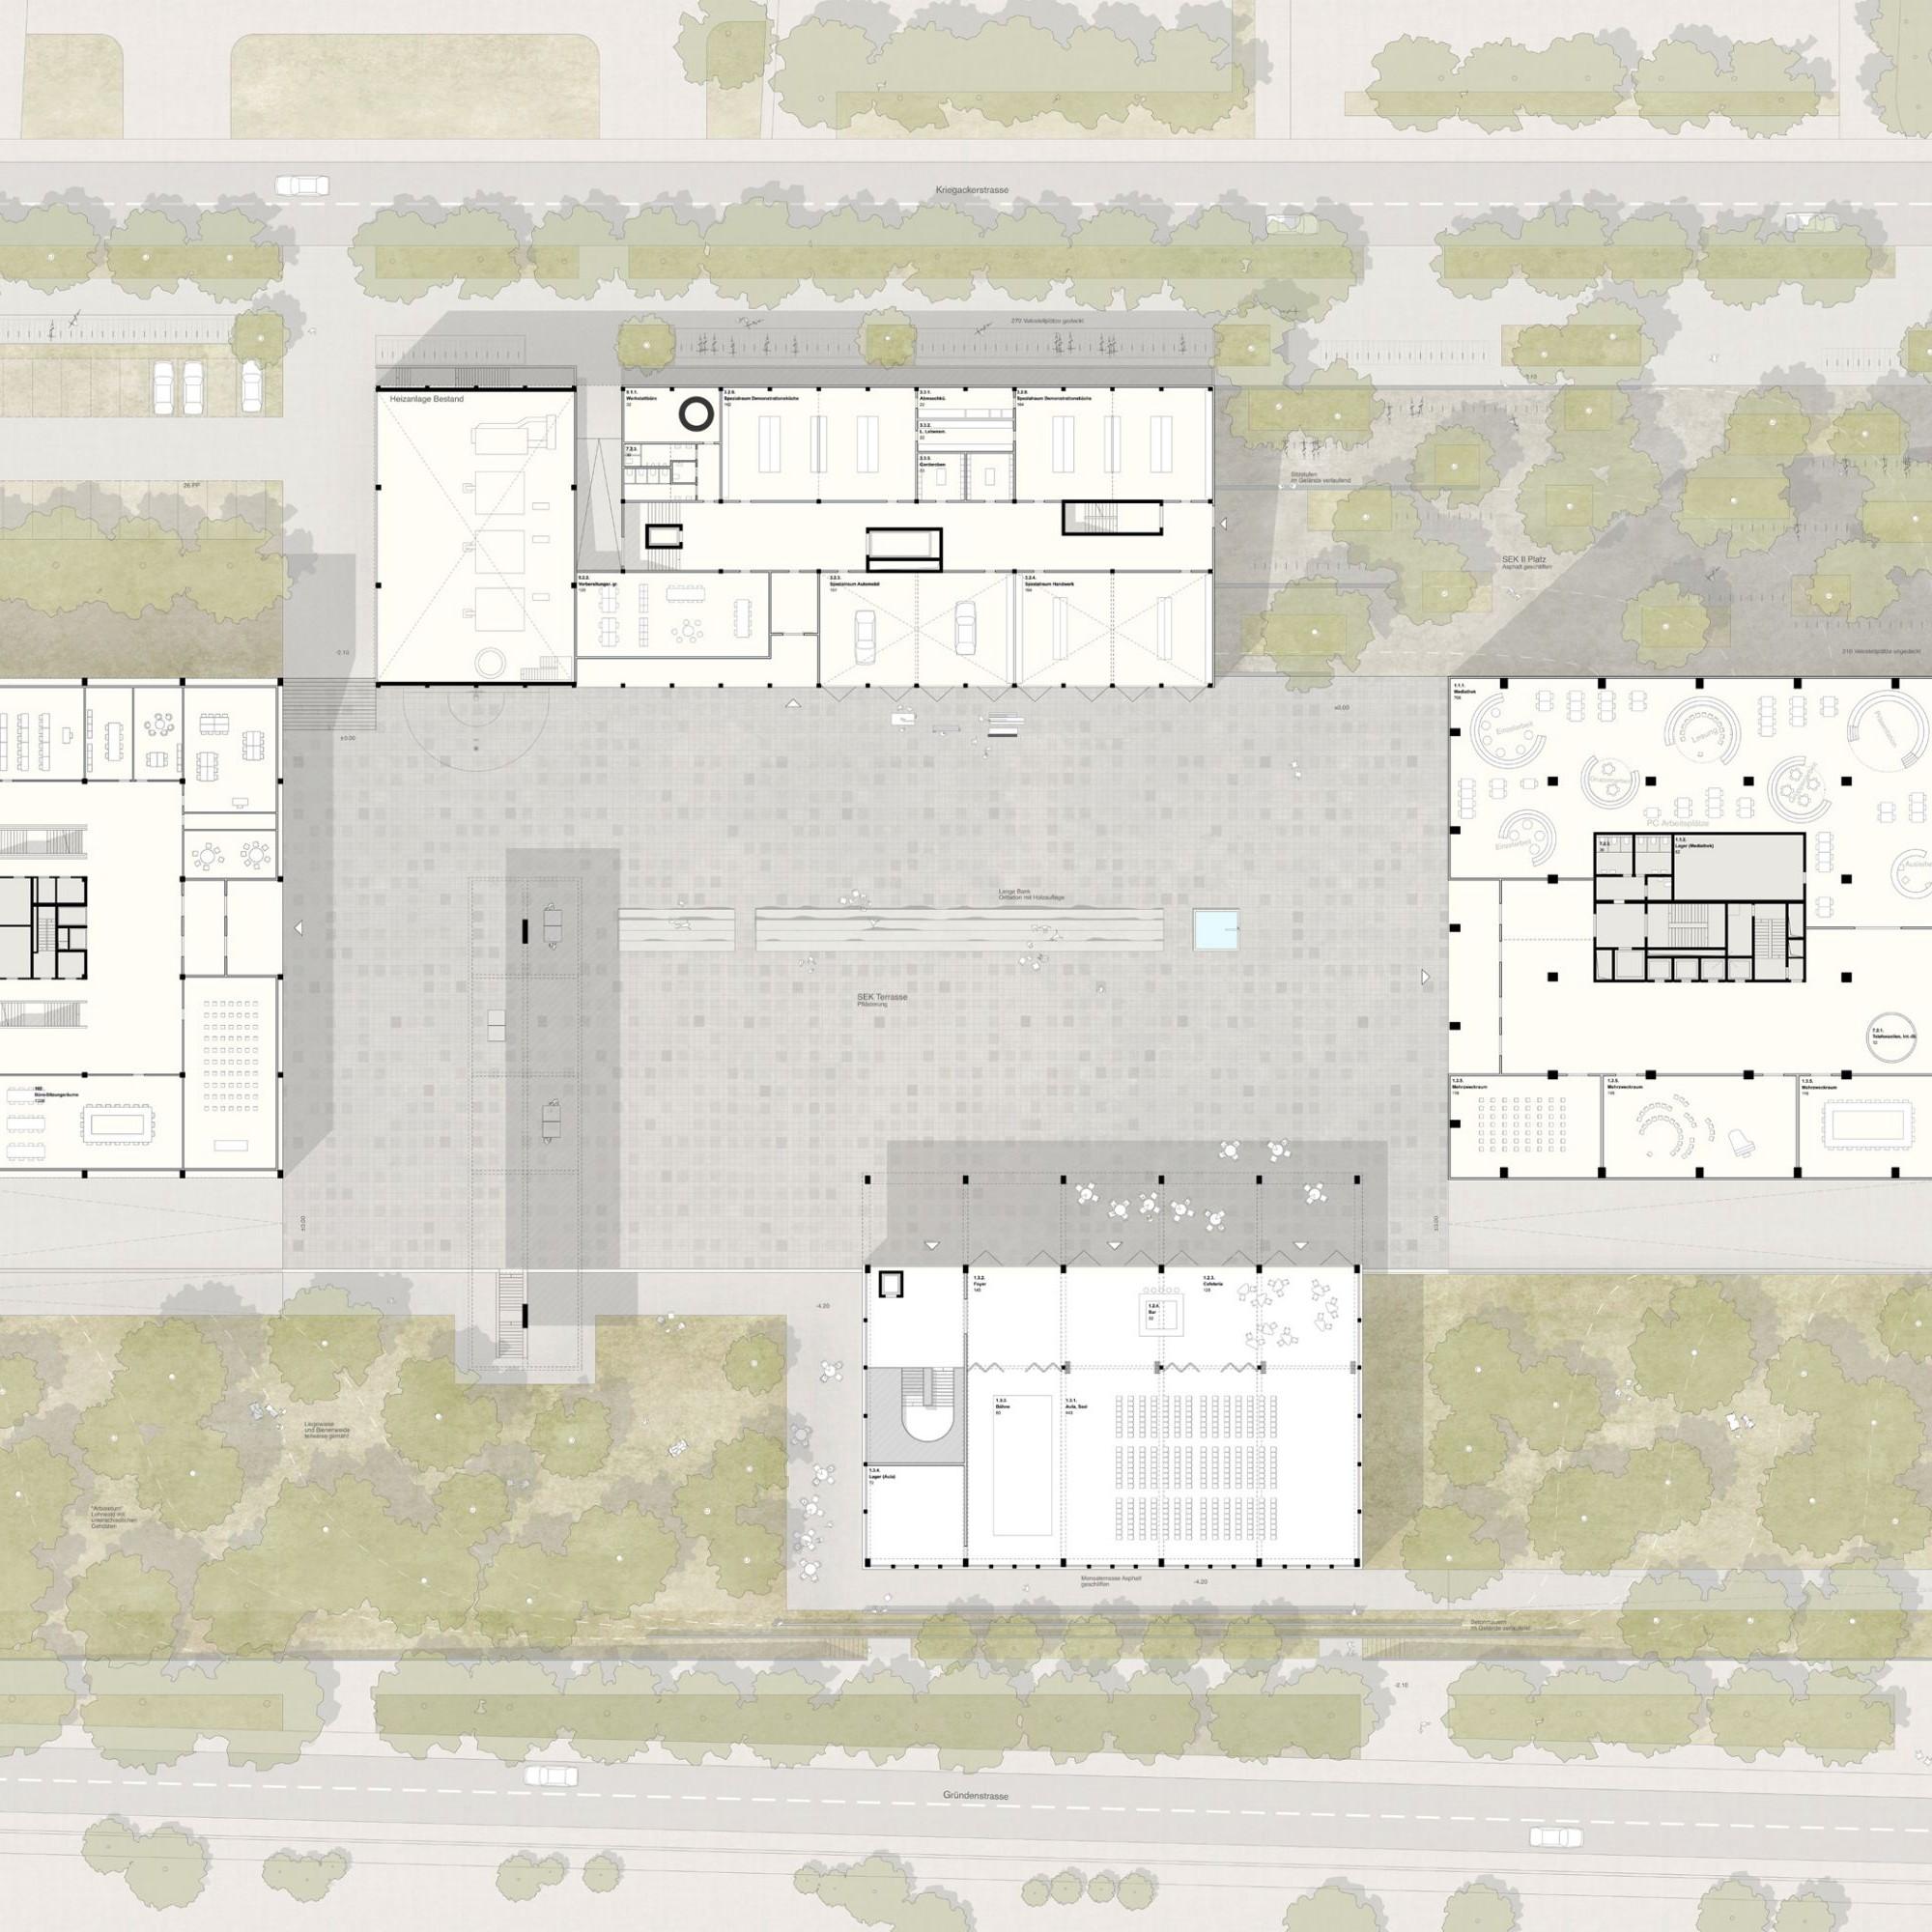 Die Eingriffe in den Bestand konzentrieren sich auf die Nordseite und die zentrale Platzfläche.